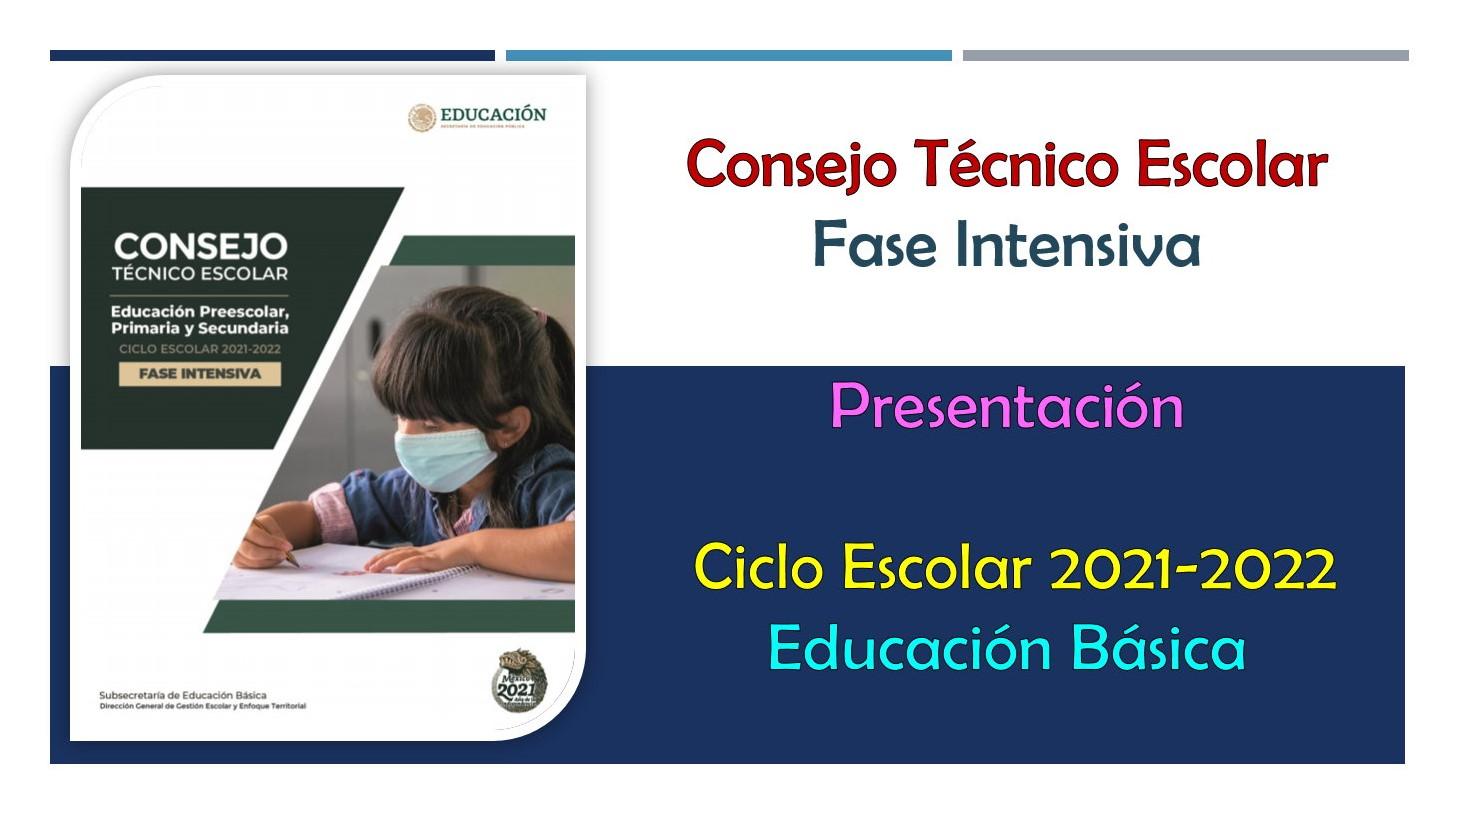 Presentación en PowerPoint y PDF del Consejo Técnico Escolar Fase Intensiva ciclo escolar 2021-2022 de educación básica